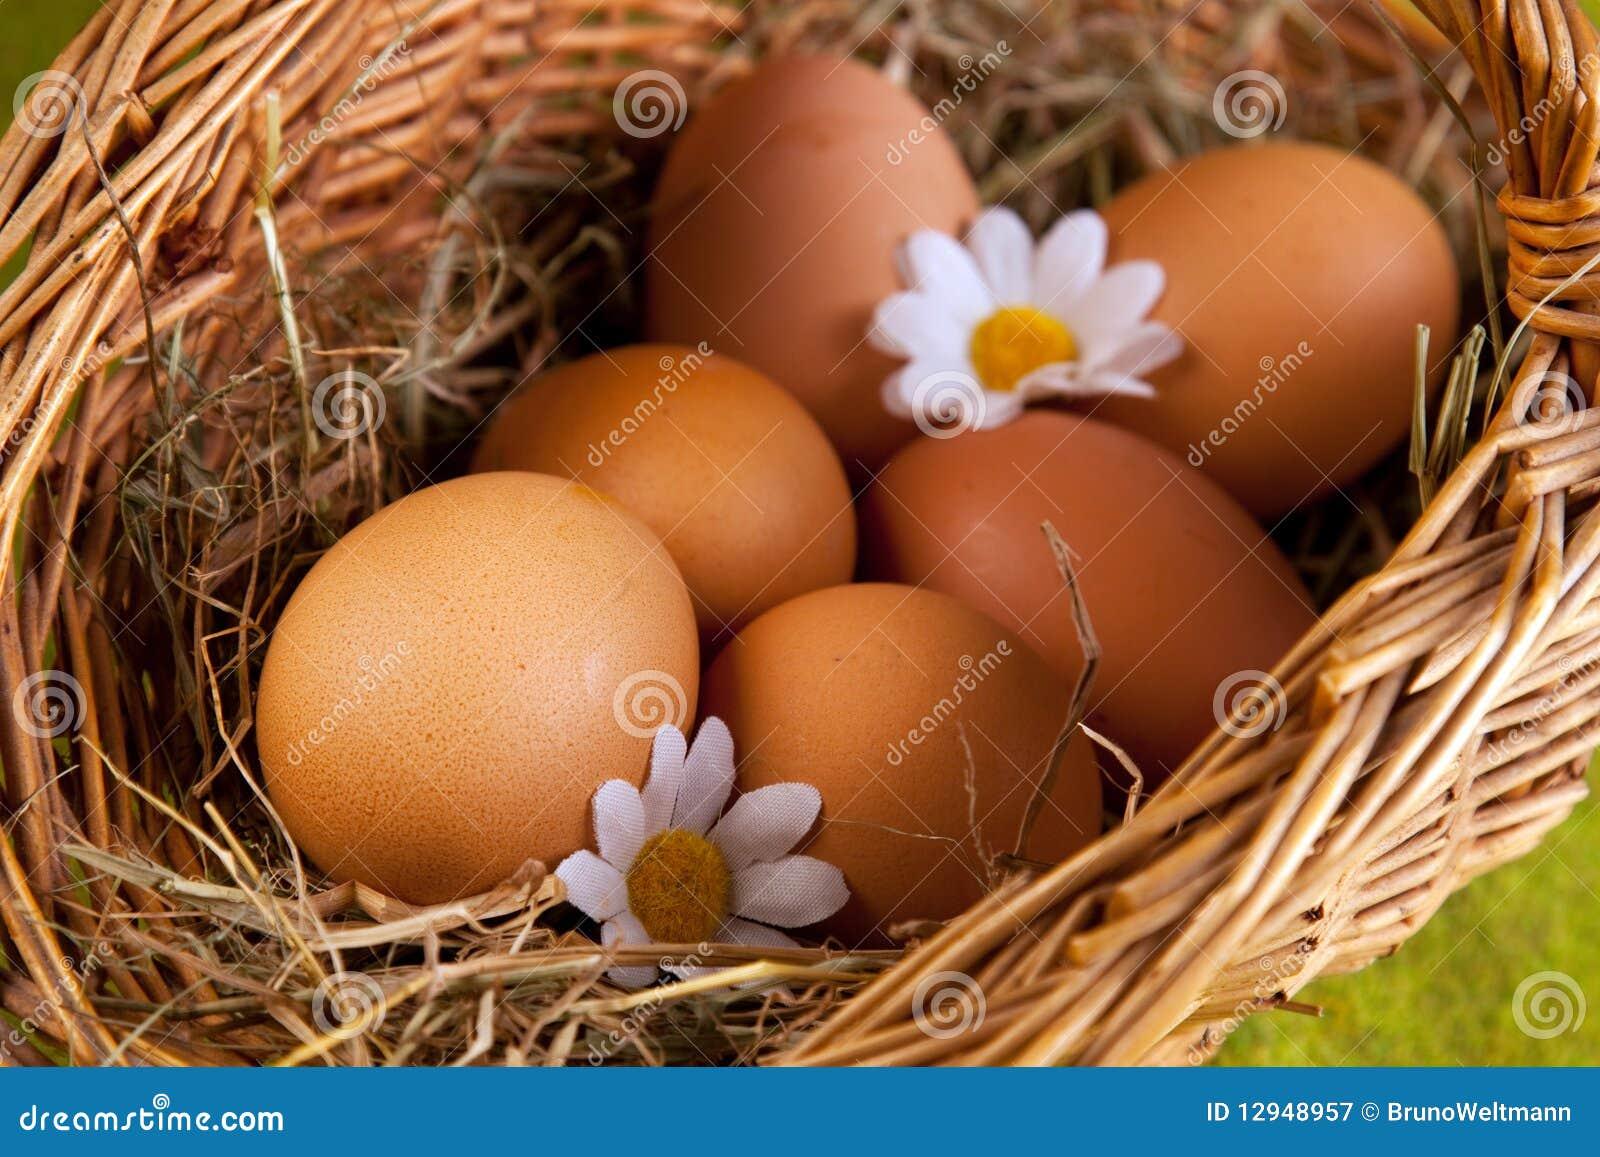 Самые большие яйца у мальчиков фото 7 фотография